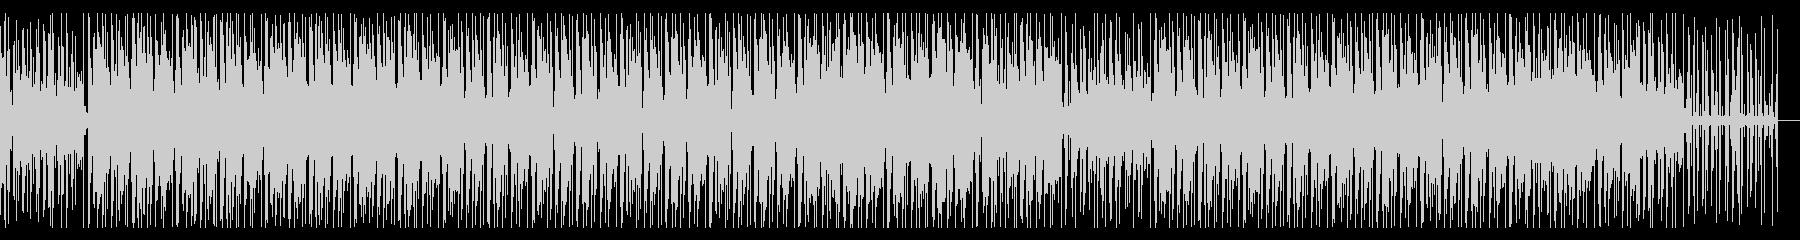 ドリーミー・爽やか・温もり・メロウ・鍵盤の未再生の波形